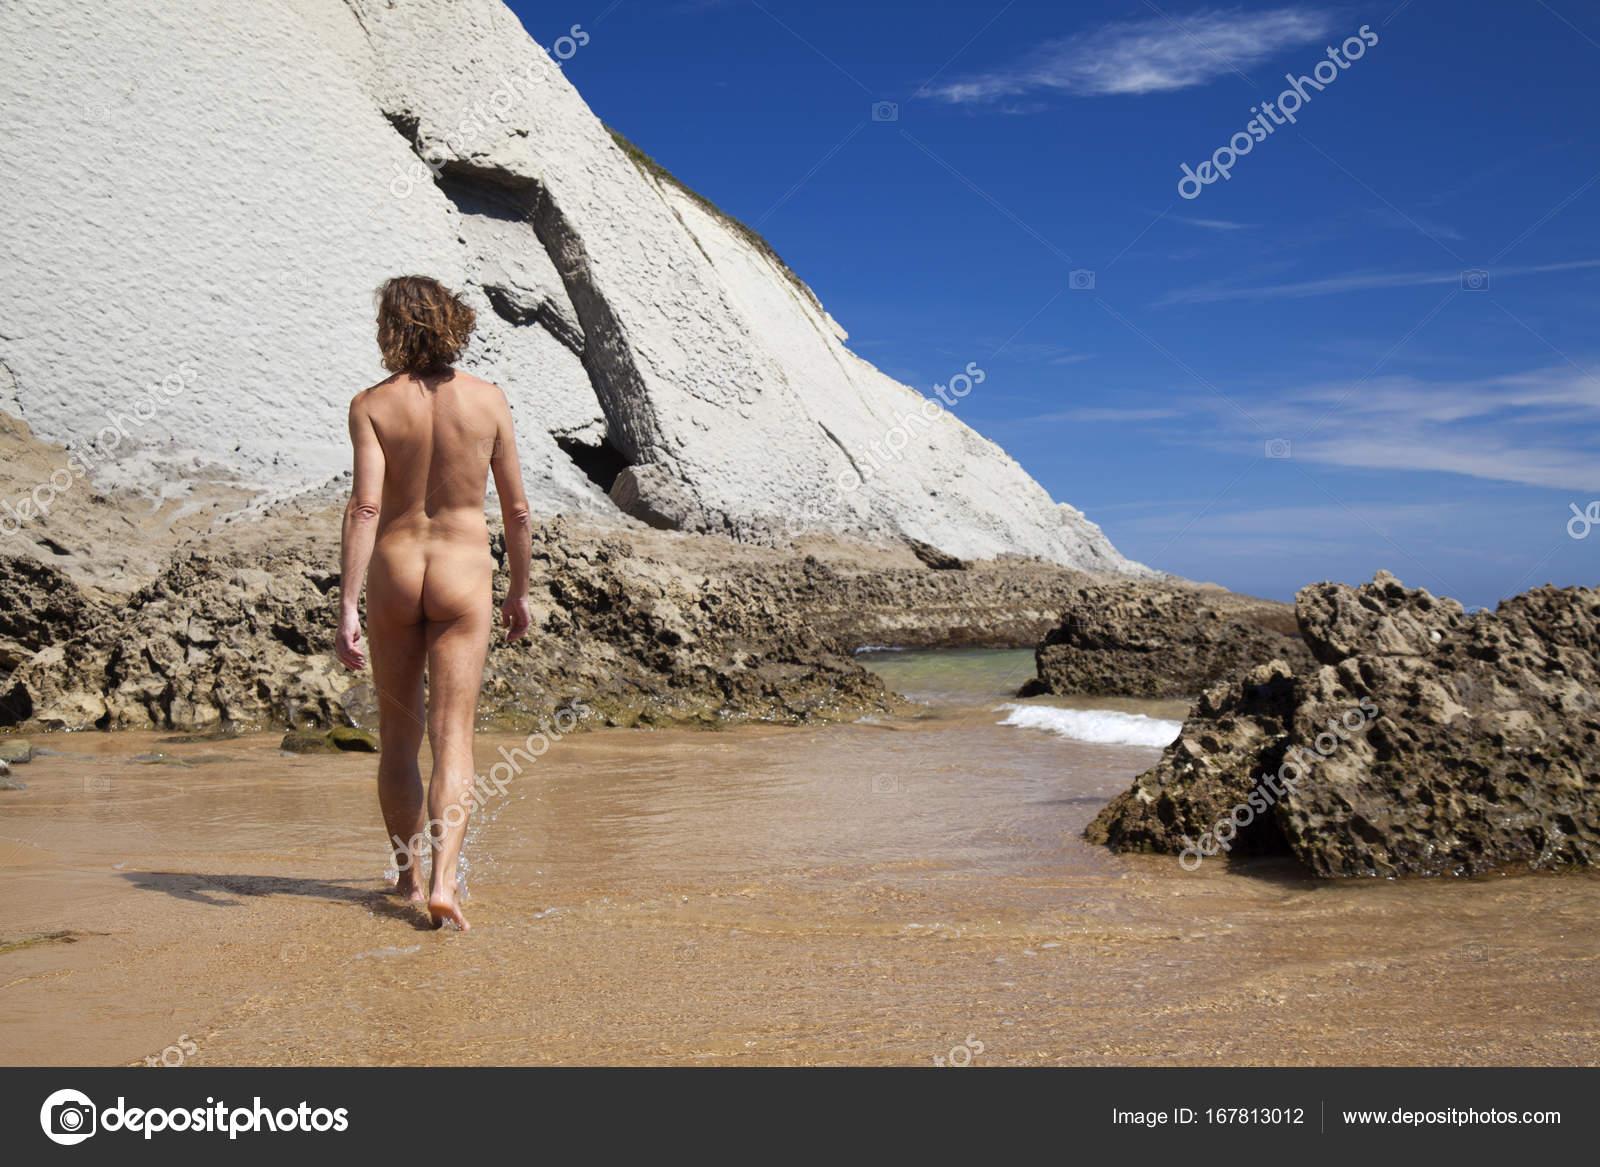 Fekete nudista képek